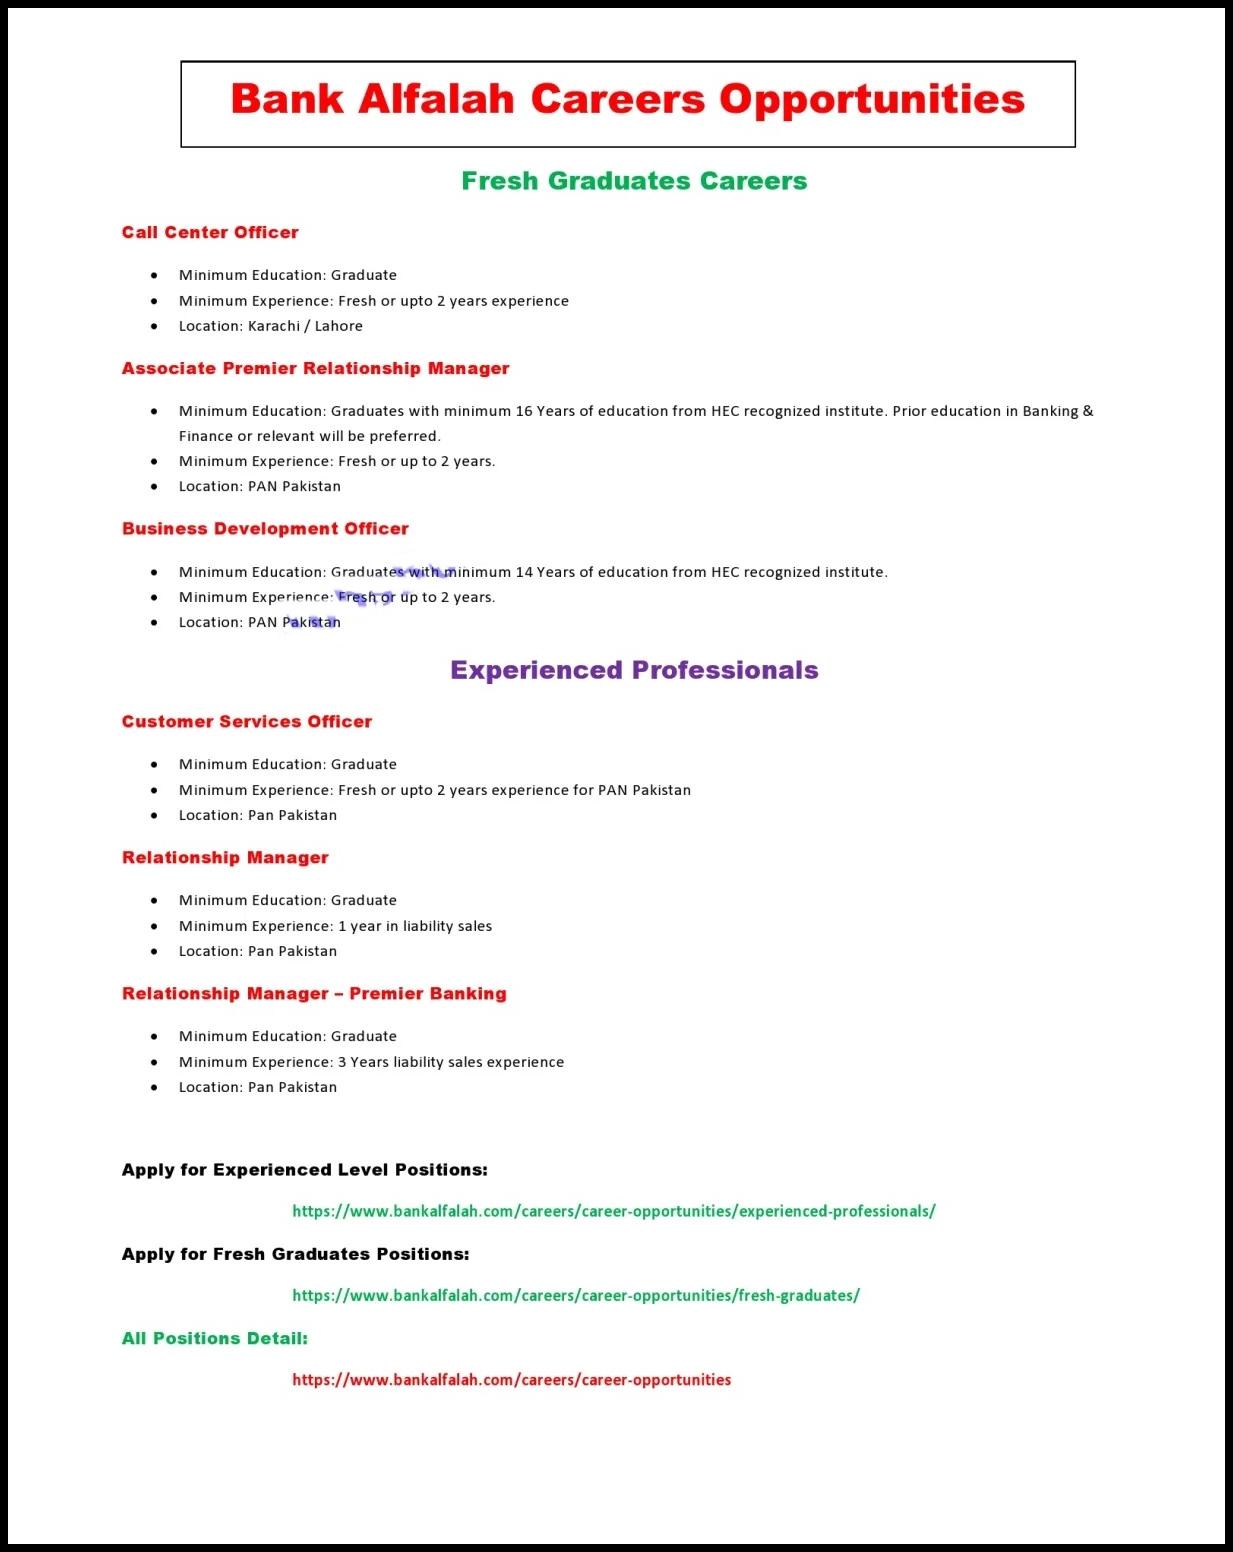 Bank Alfalah Jobs 2021